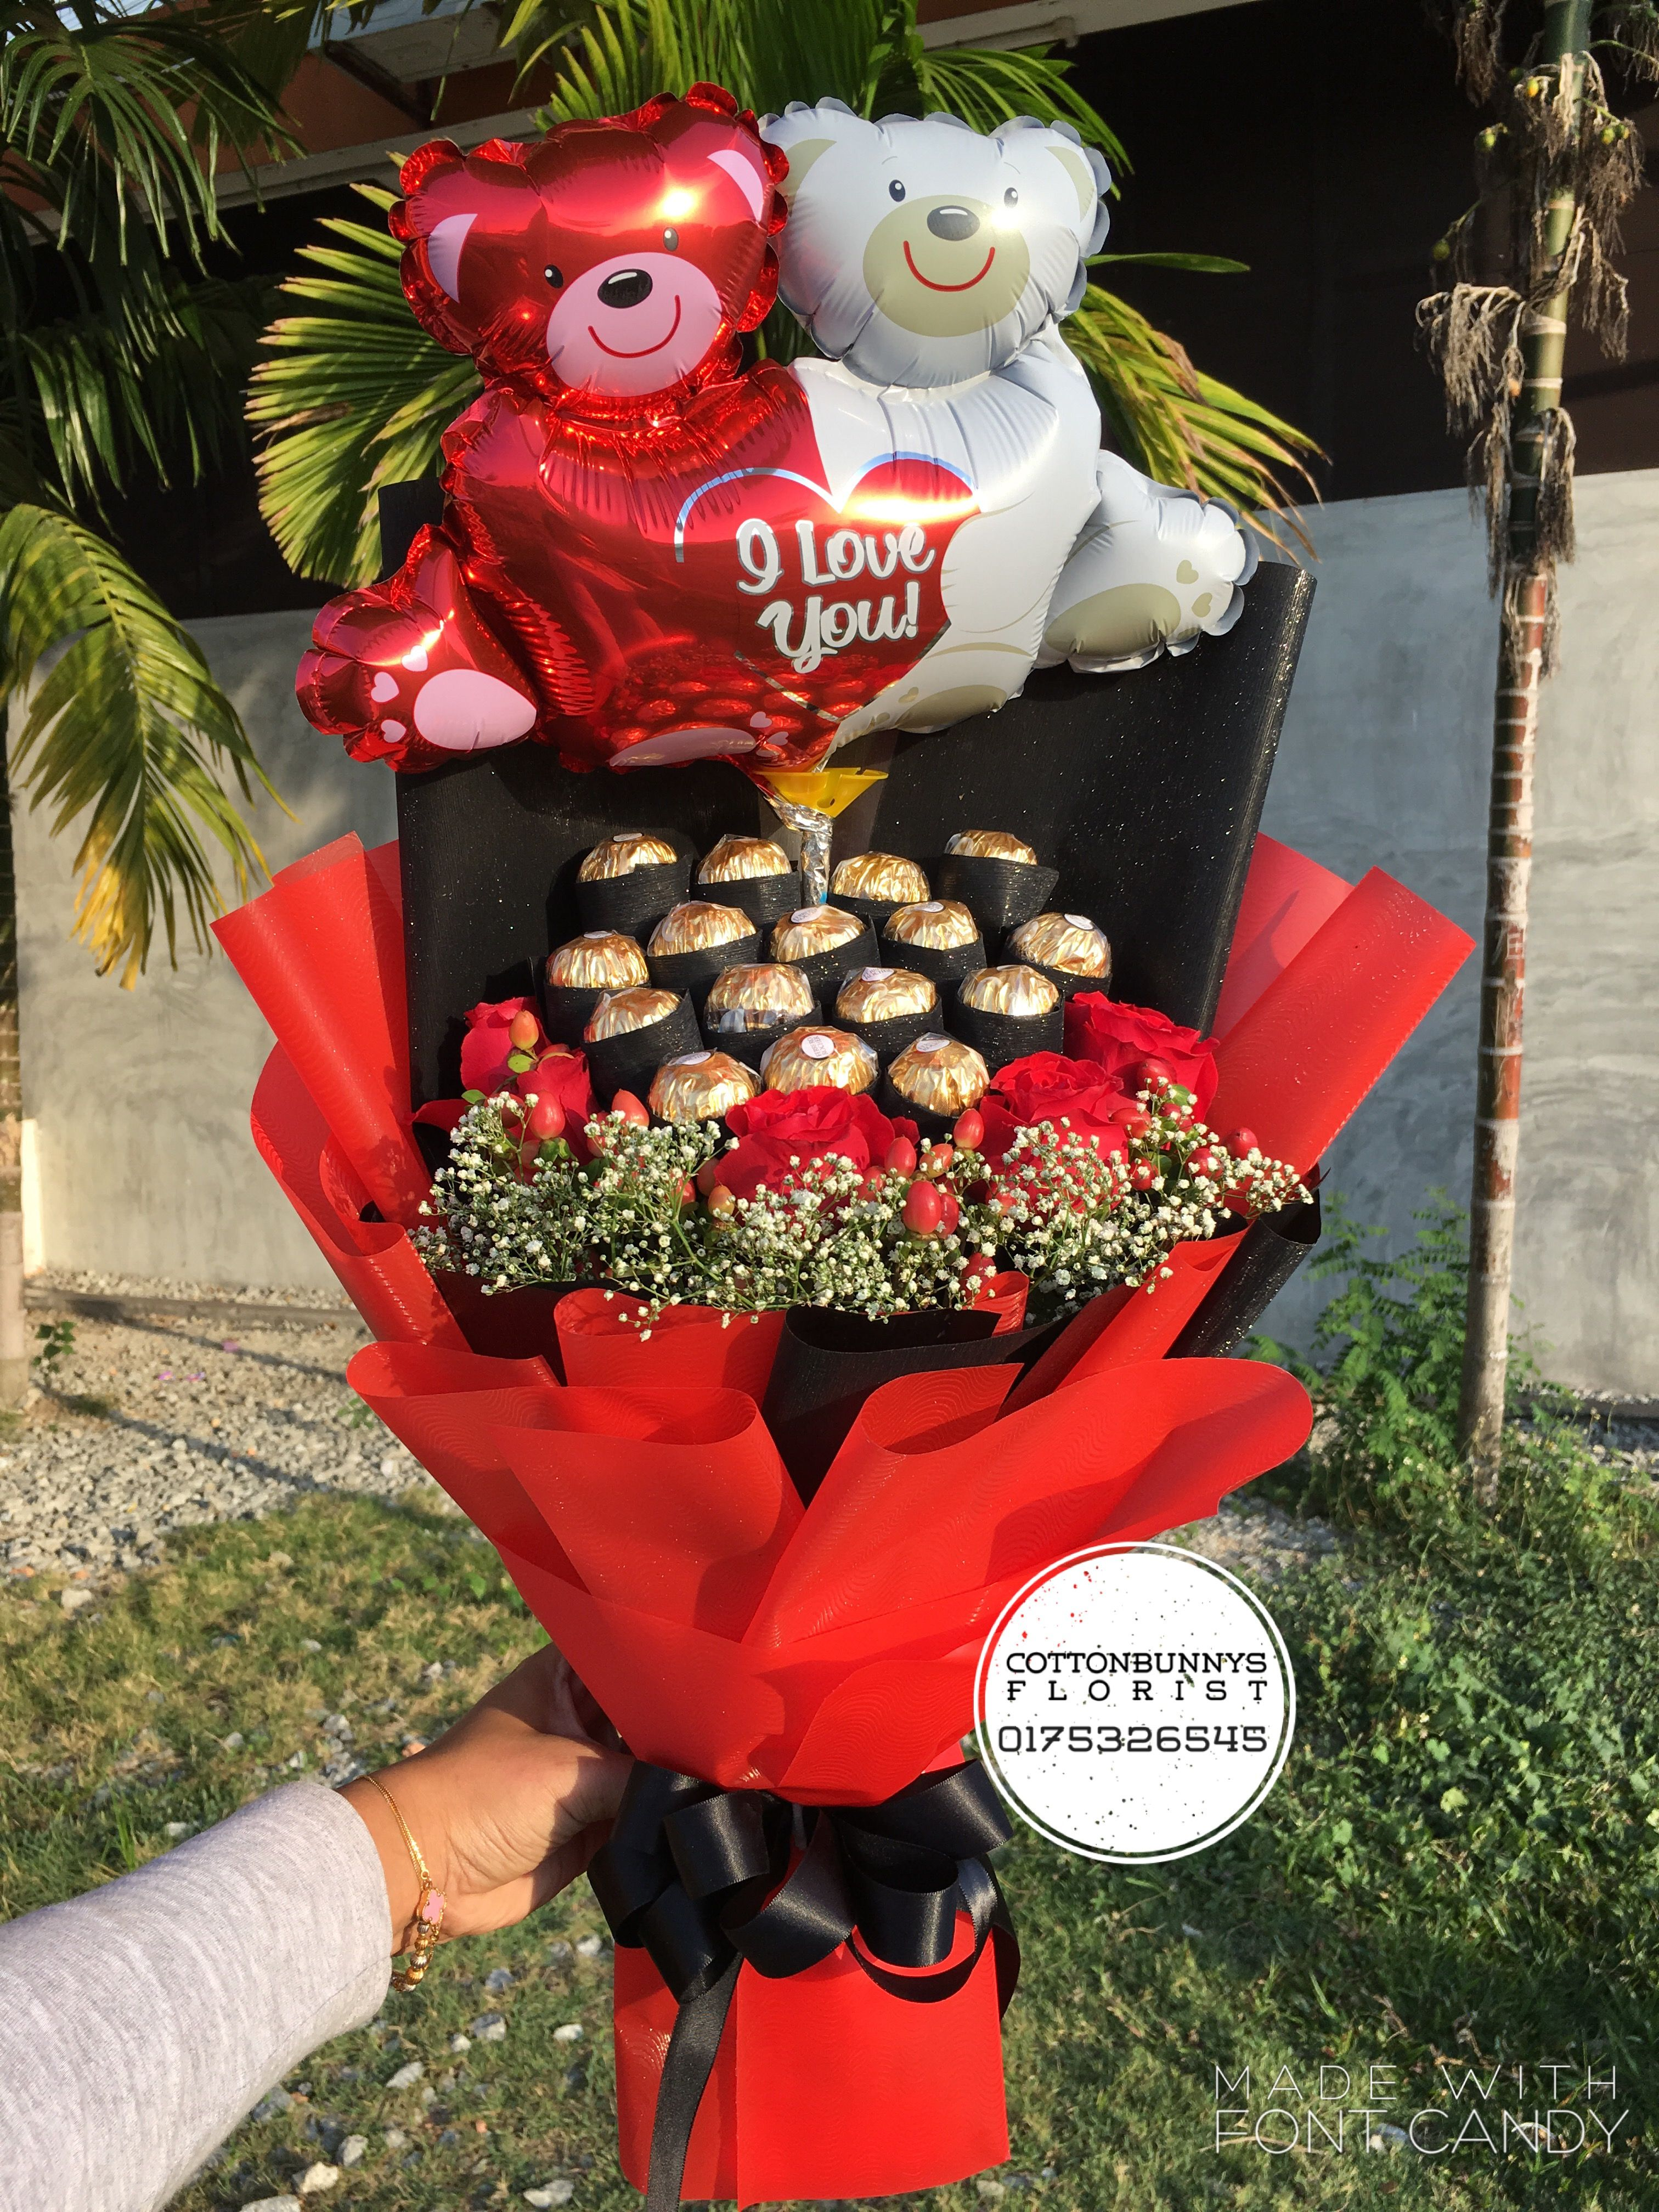 Flower Chocolate Bouquet Gift Ideas Valentine S Day Anniversary Birthday Girls Girlfriend Valentine Bouquet Valentines Candy Bouquet Gift Bouquet